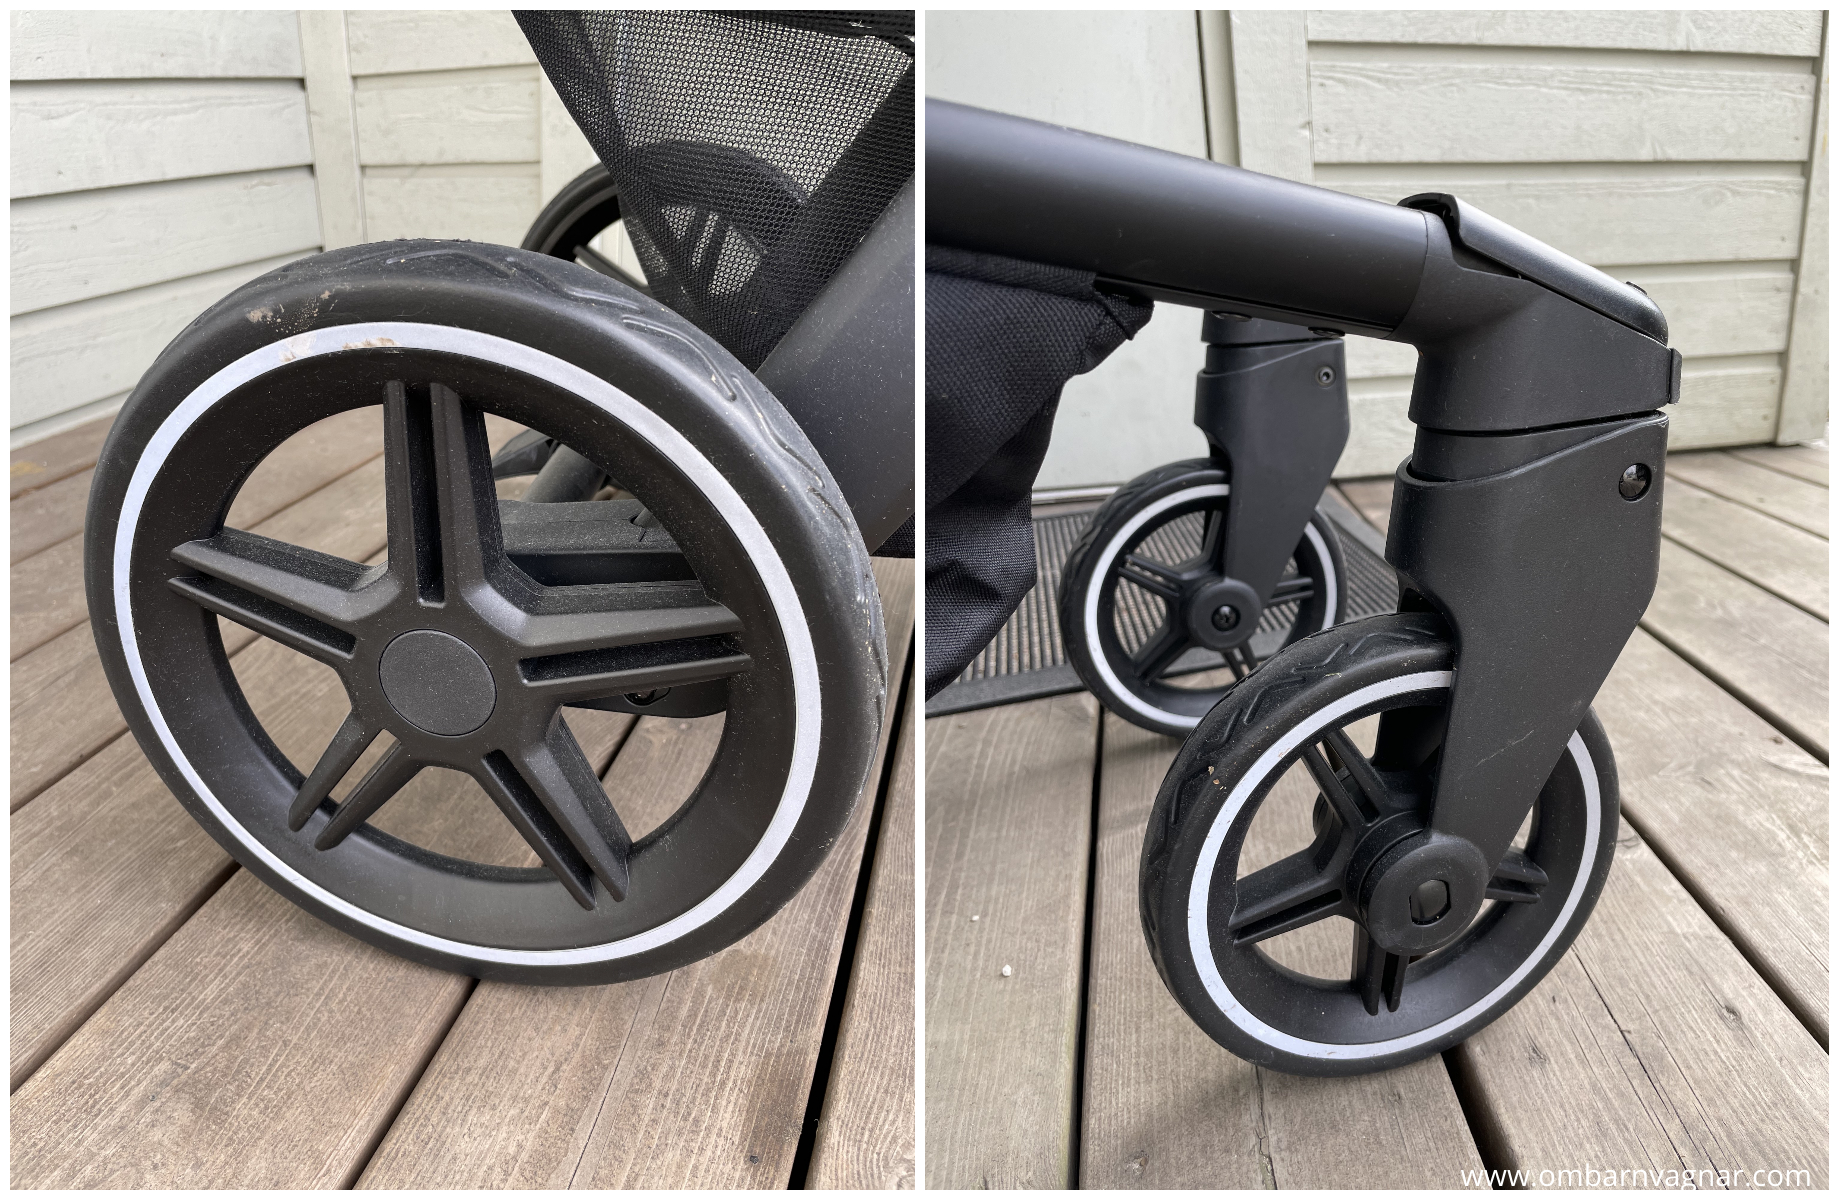 Joolz Hub + har nya hjul med nya design på hjulsidorna.